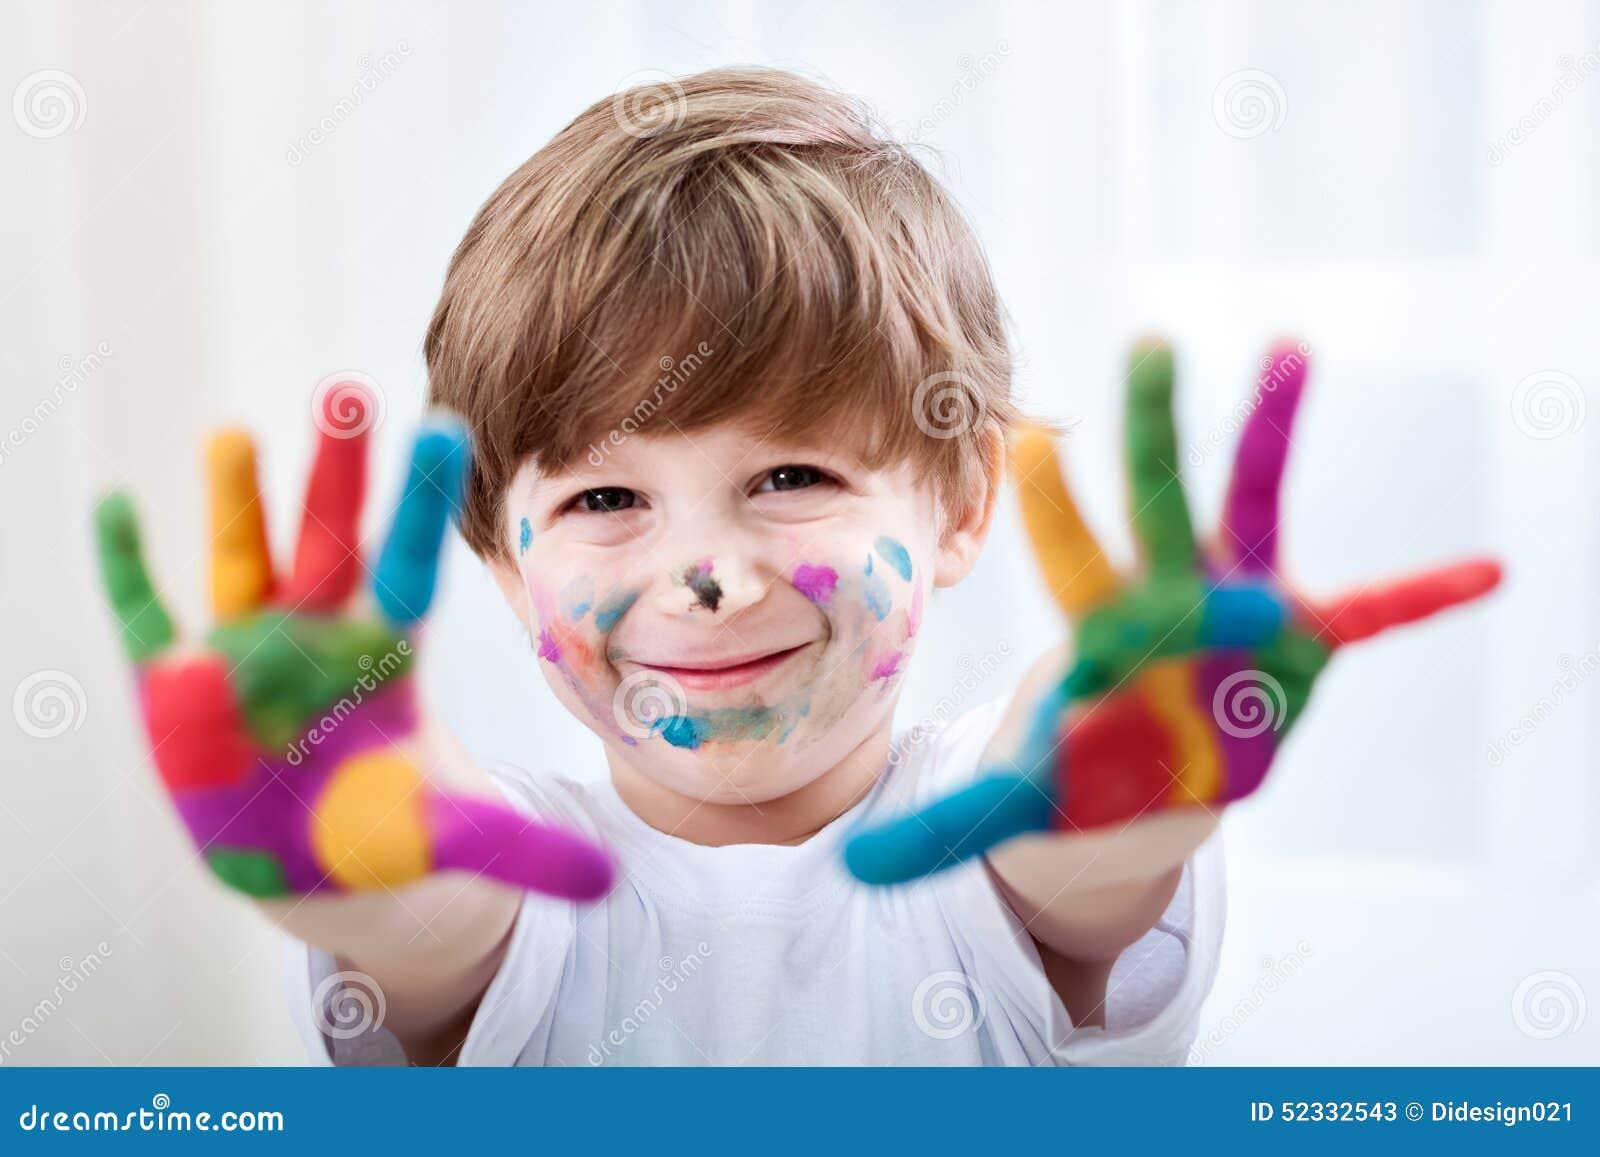 Niño hermoso sonriente que juega con colores